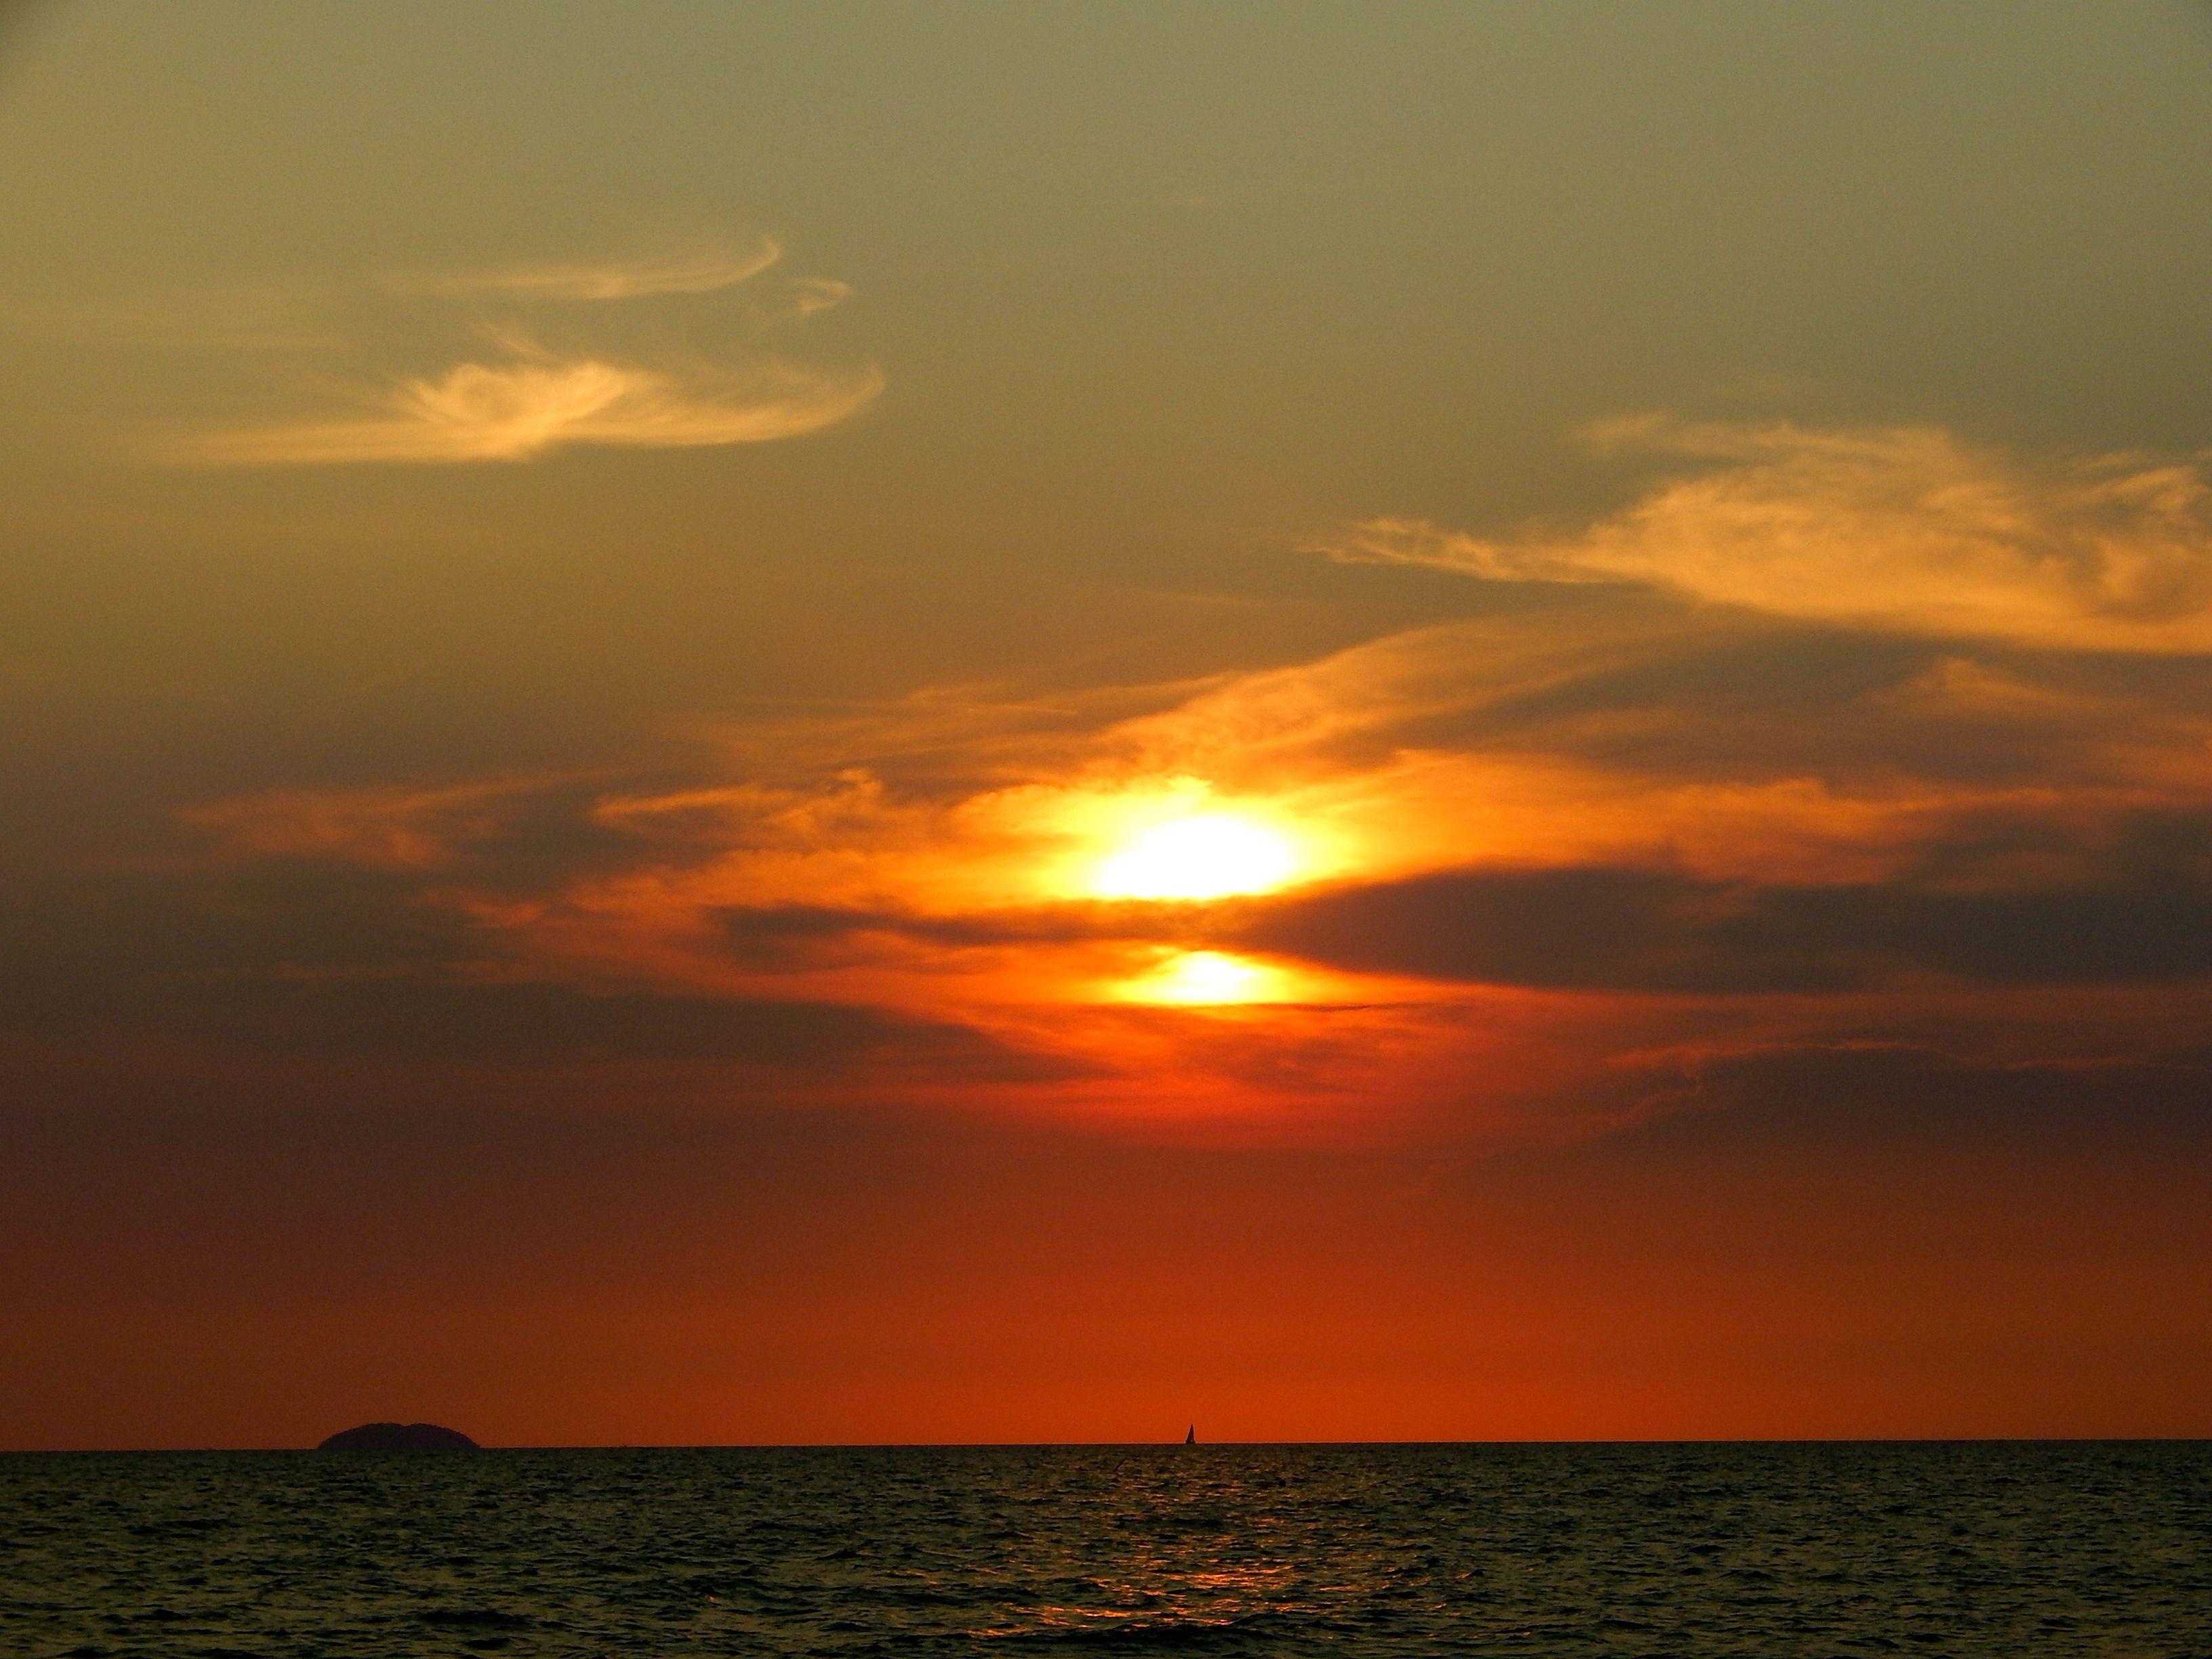 Sunset Na Jomtien, Pattaya.